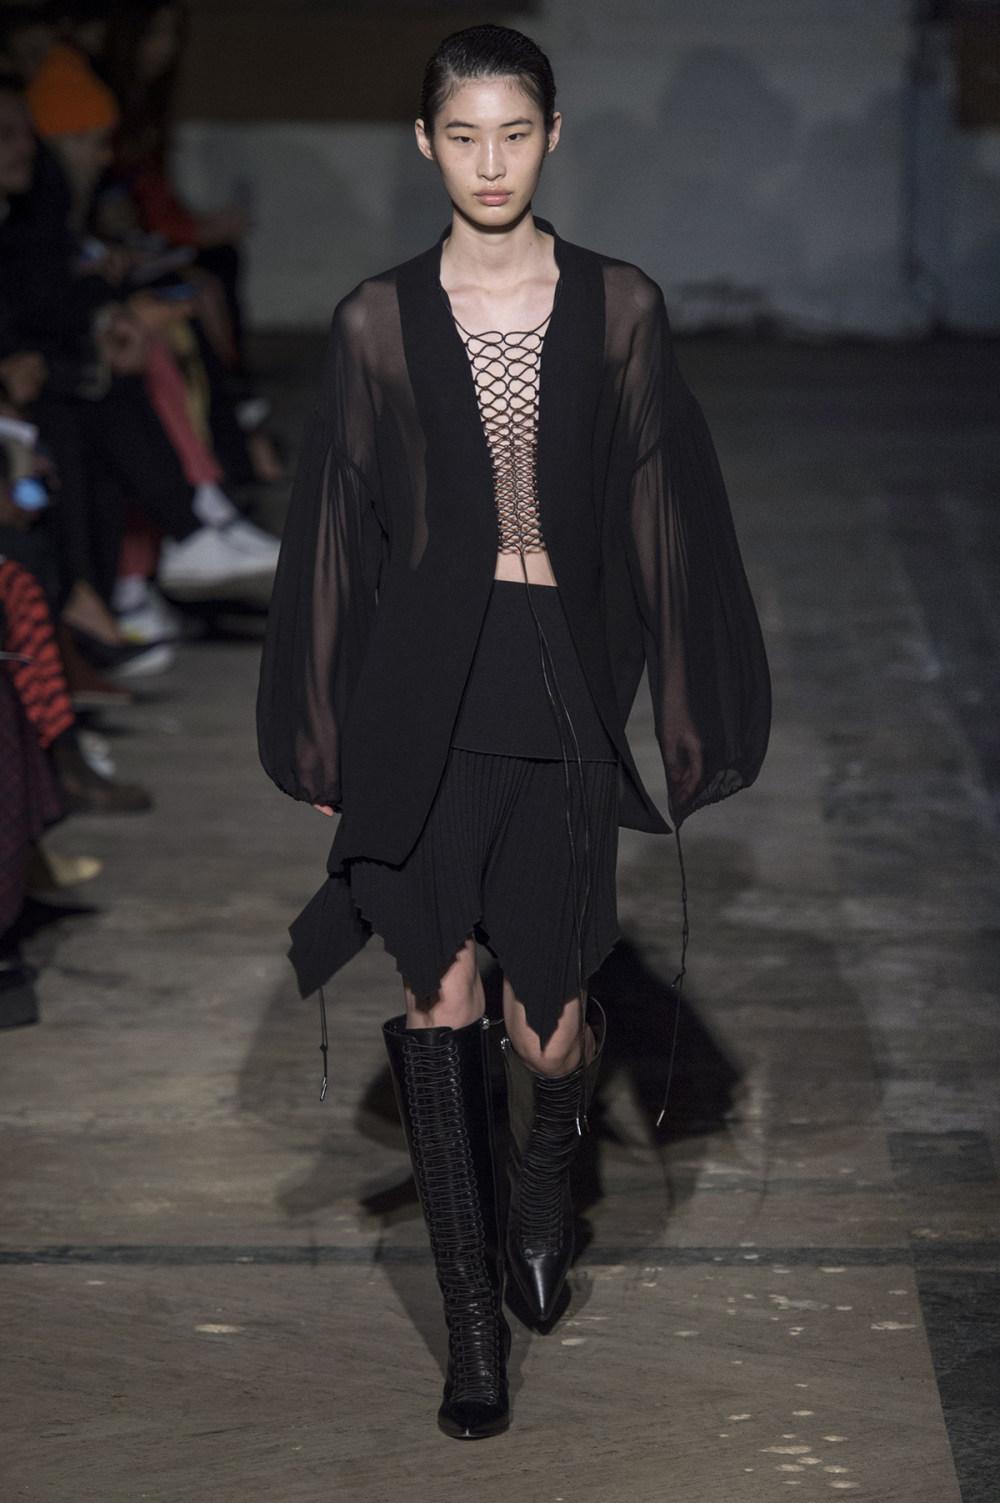 Dion Lee没有紧身衣的连衣裙被聚集或扭曲保持调色板的简约和奢华-27.jpg